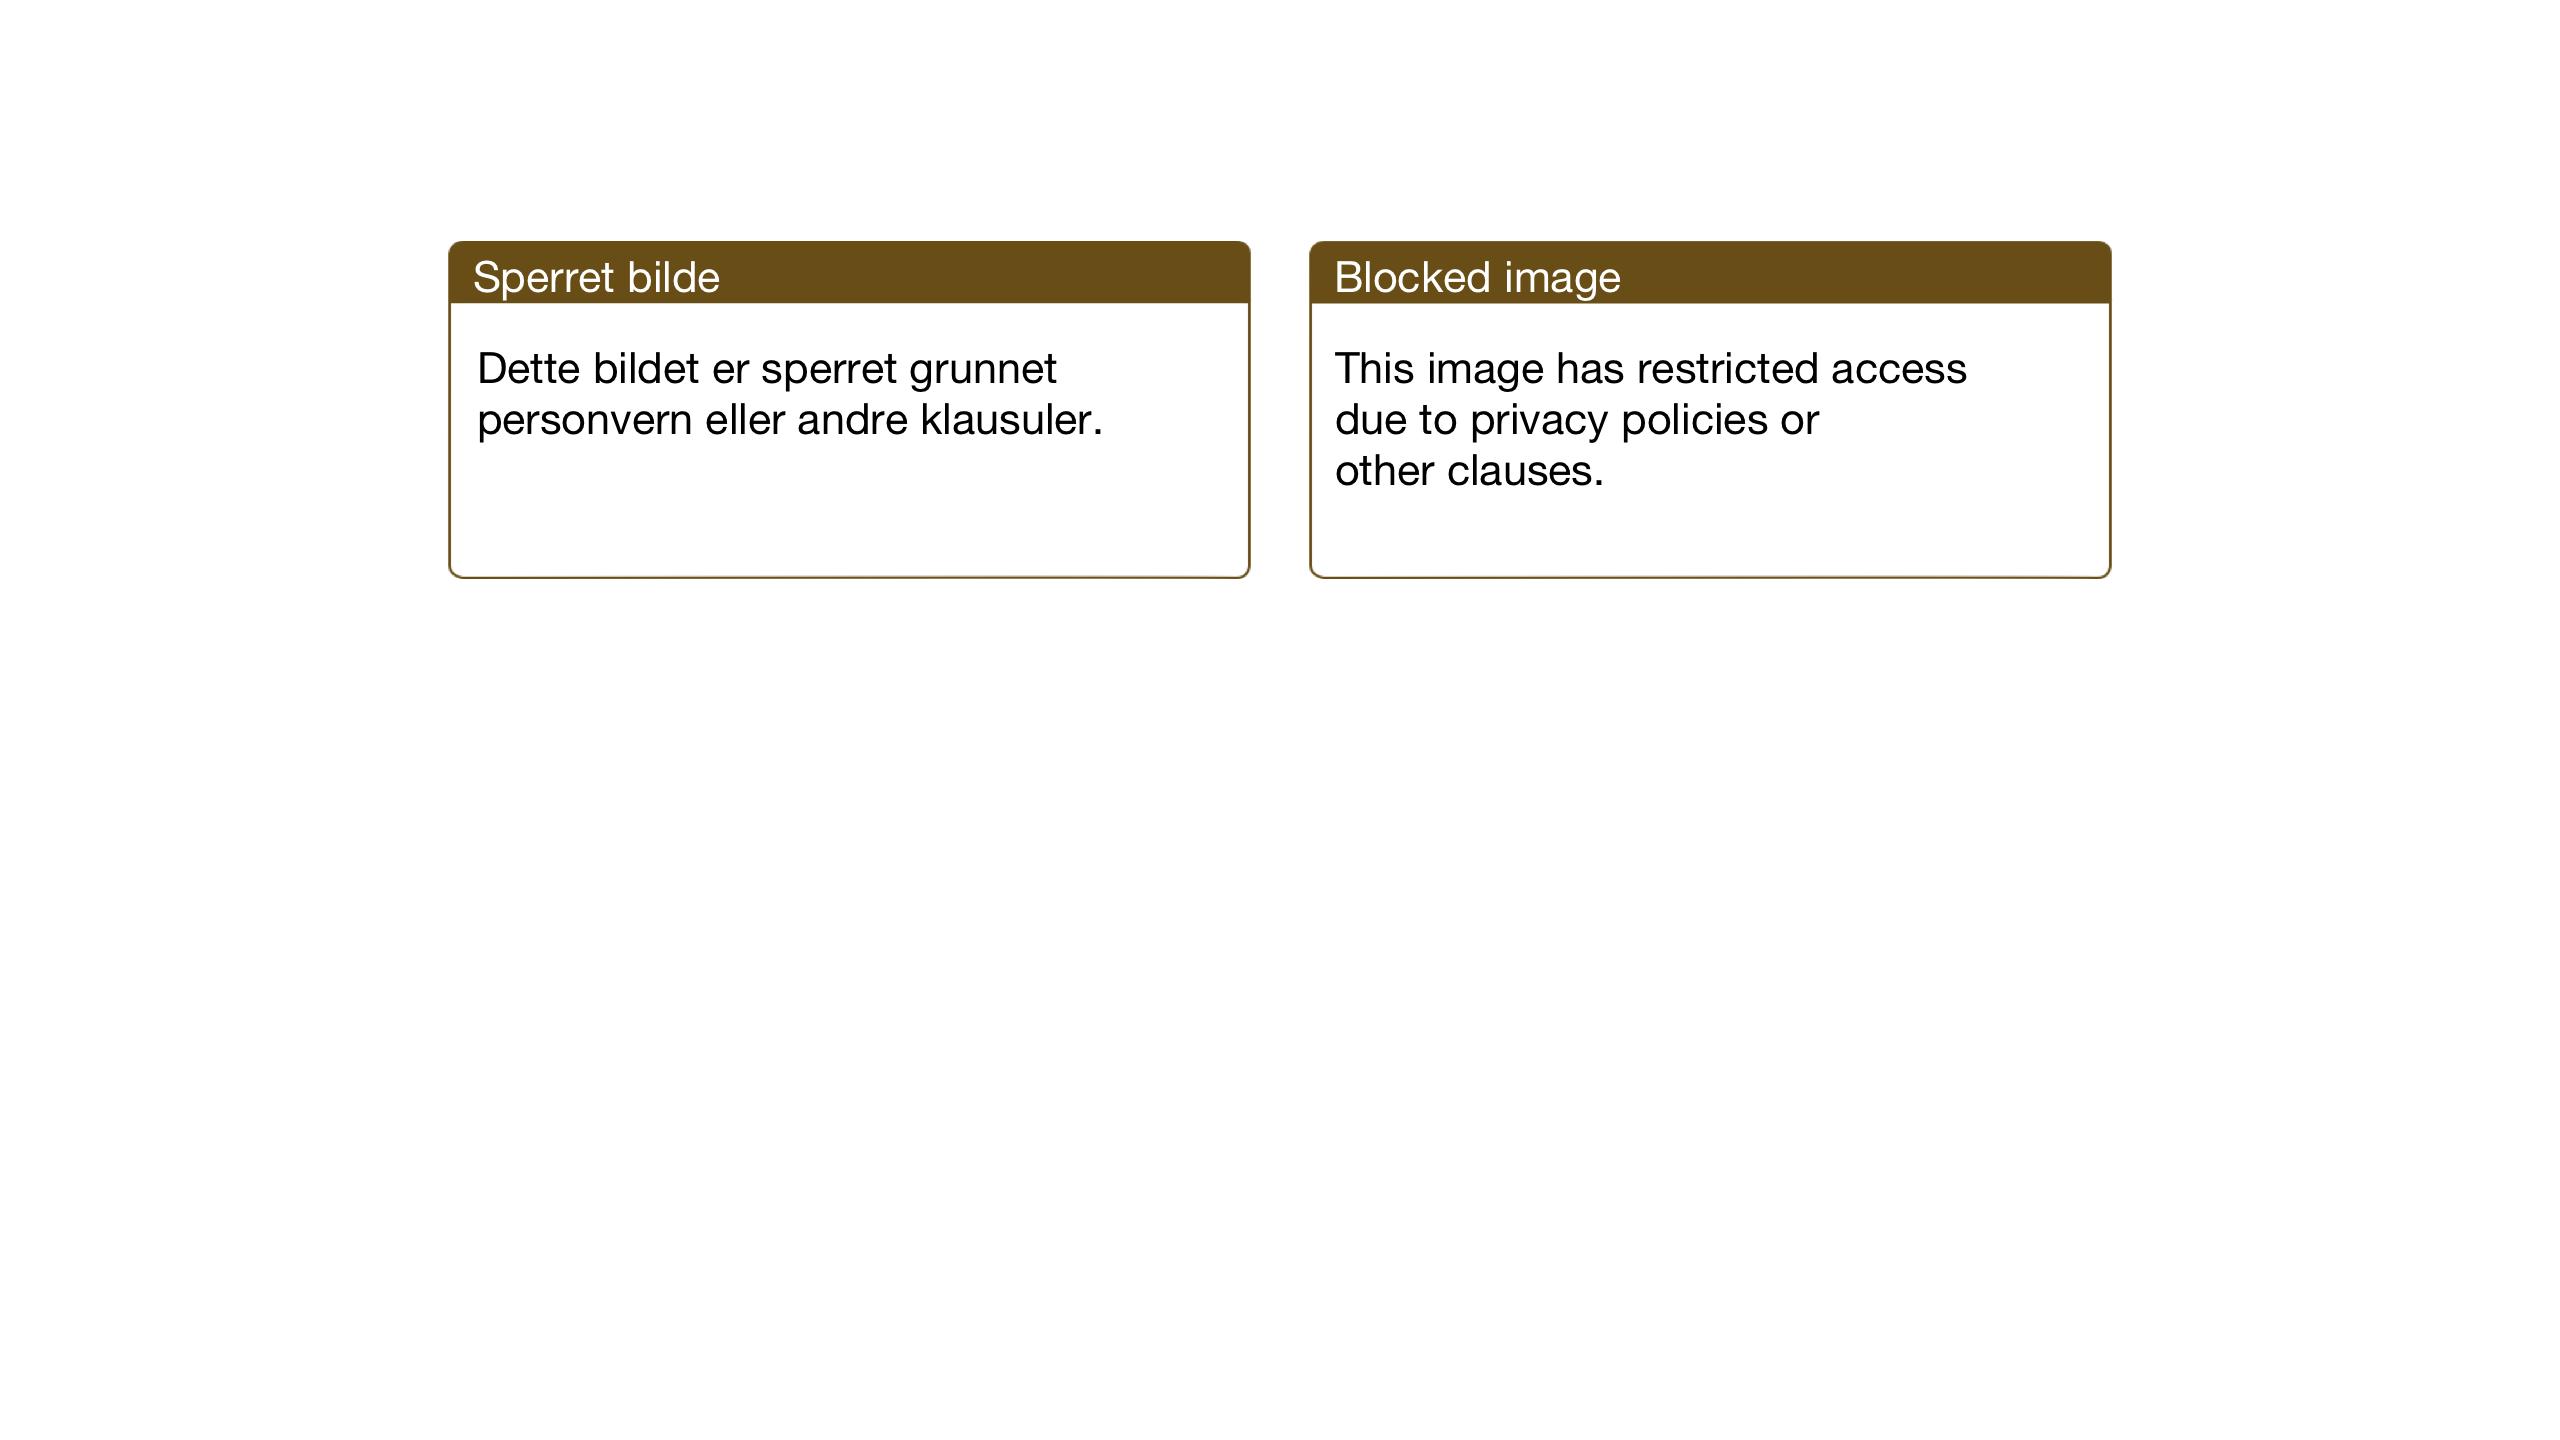 SAT, Ministerialprotokoller, klokkerbøker og fødselsregistre - Nord-Trøndelag, 755/L0500: Klokkerbok nr. 755C01, 1920-1962, s. 35